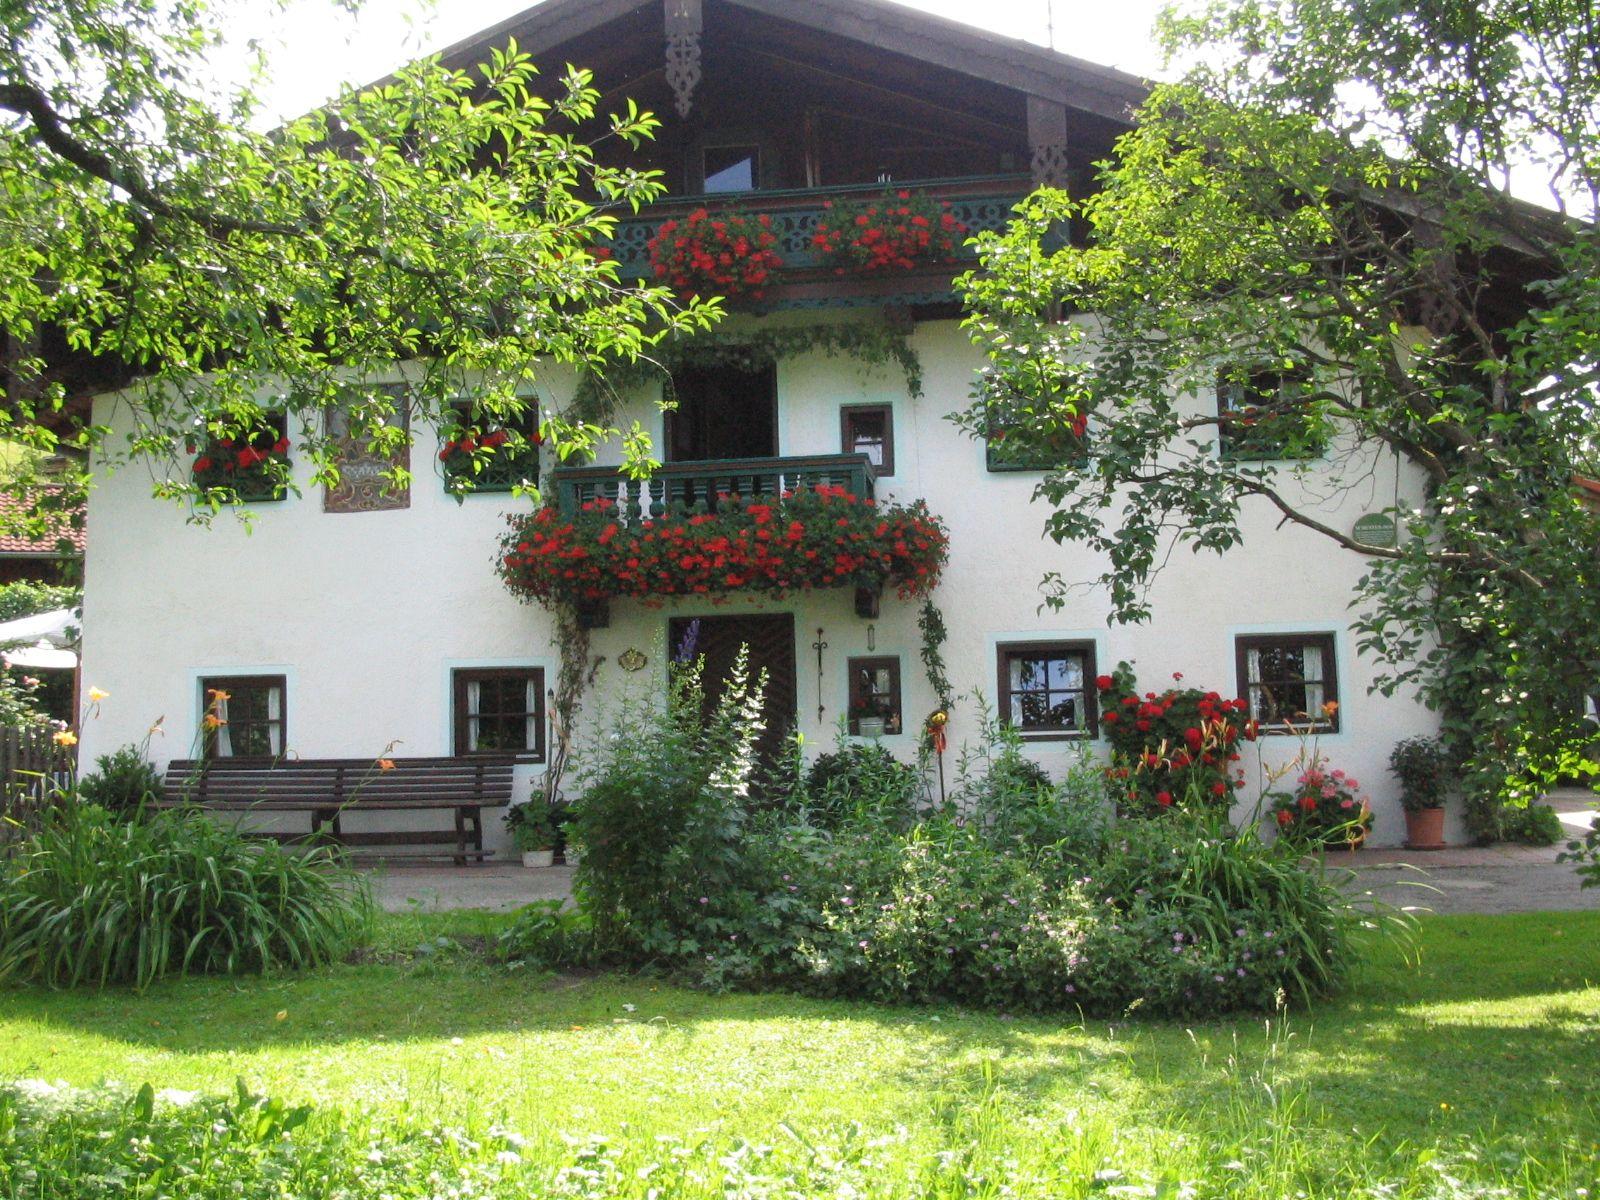 Ferienwohnung Aicher Sagberg (DE Frasdorf). Ferien Ferienwohnung  Oberbayern